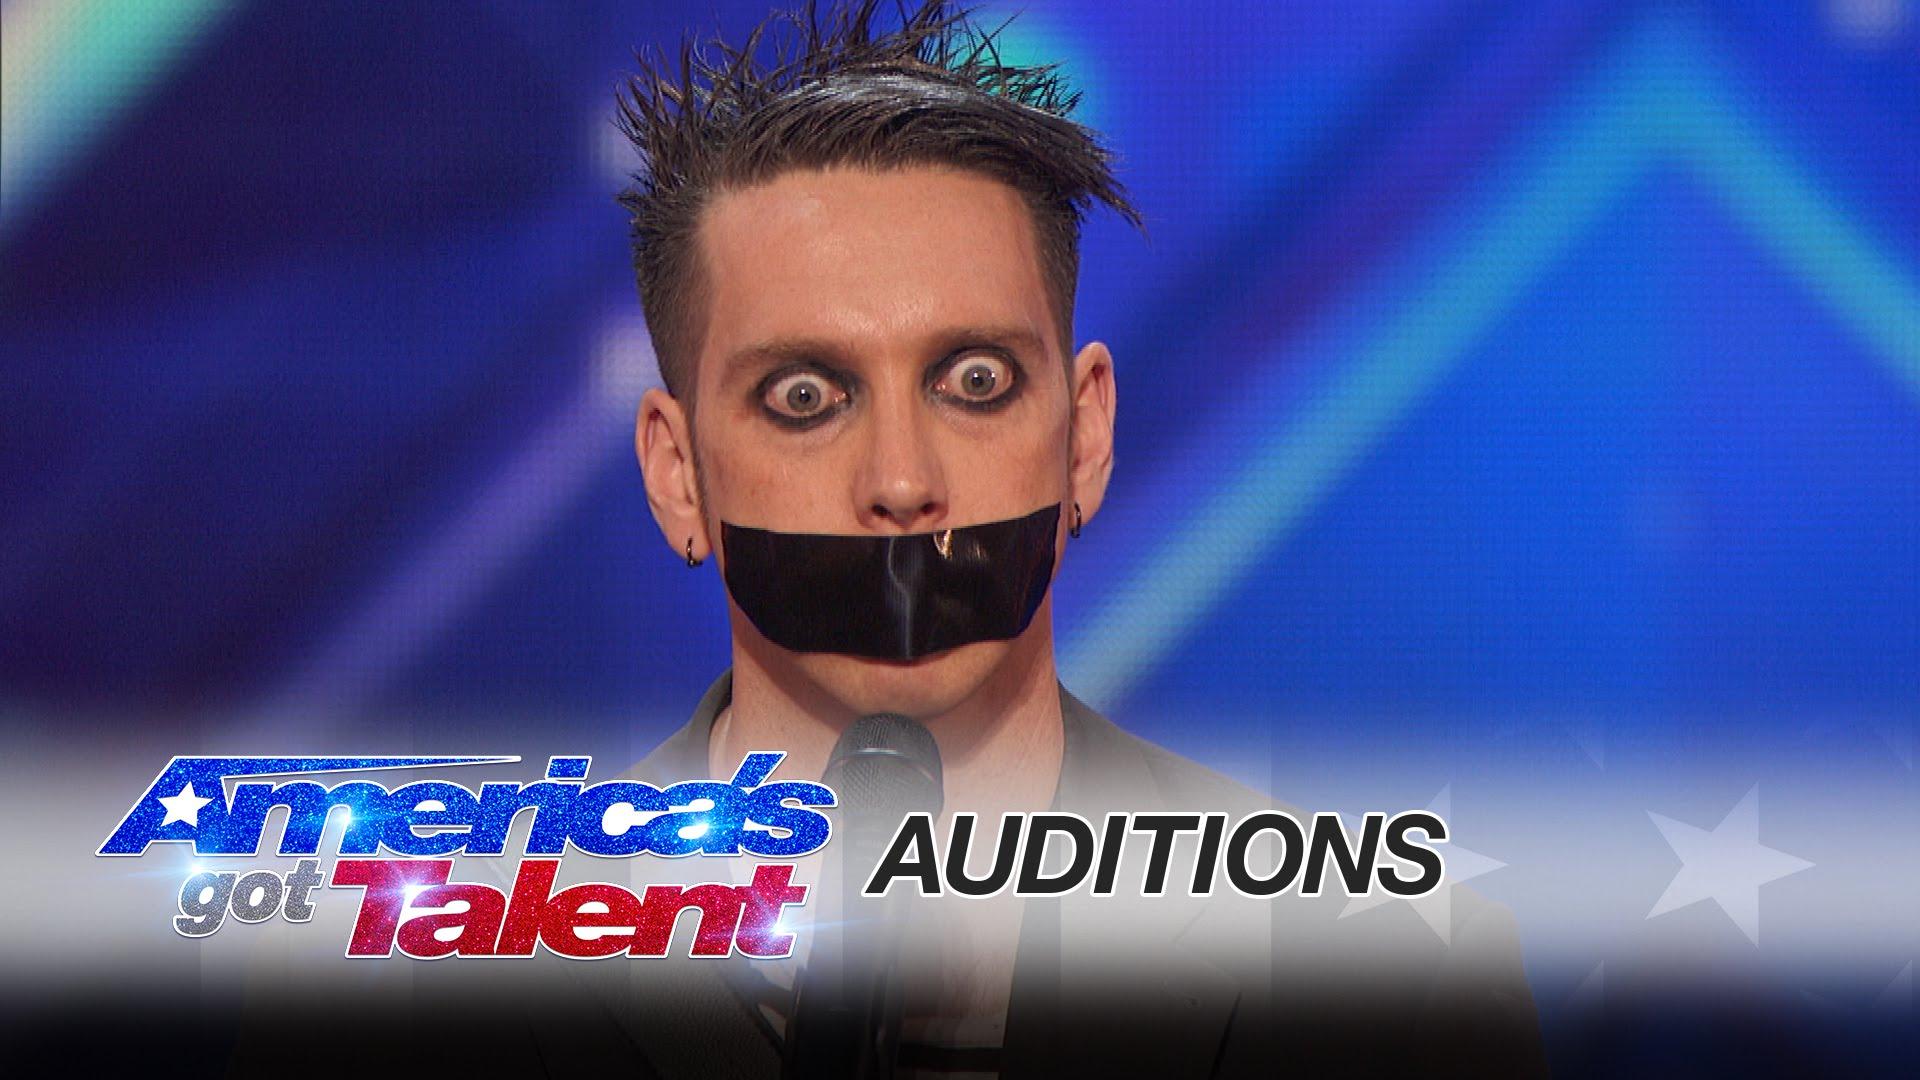 Il se présente sur scène, très étrangement, il va vous impressionner…